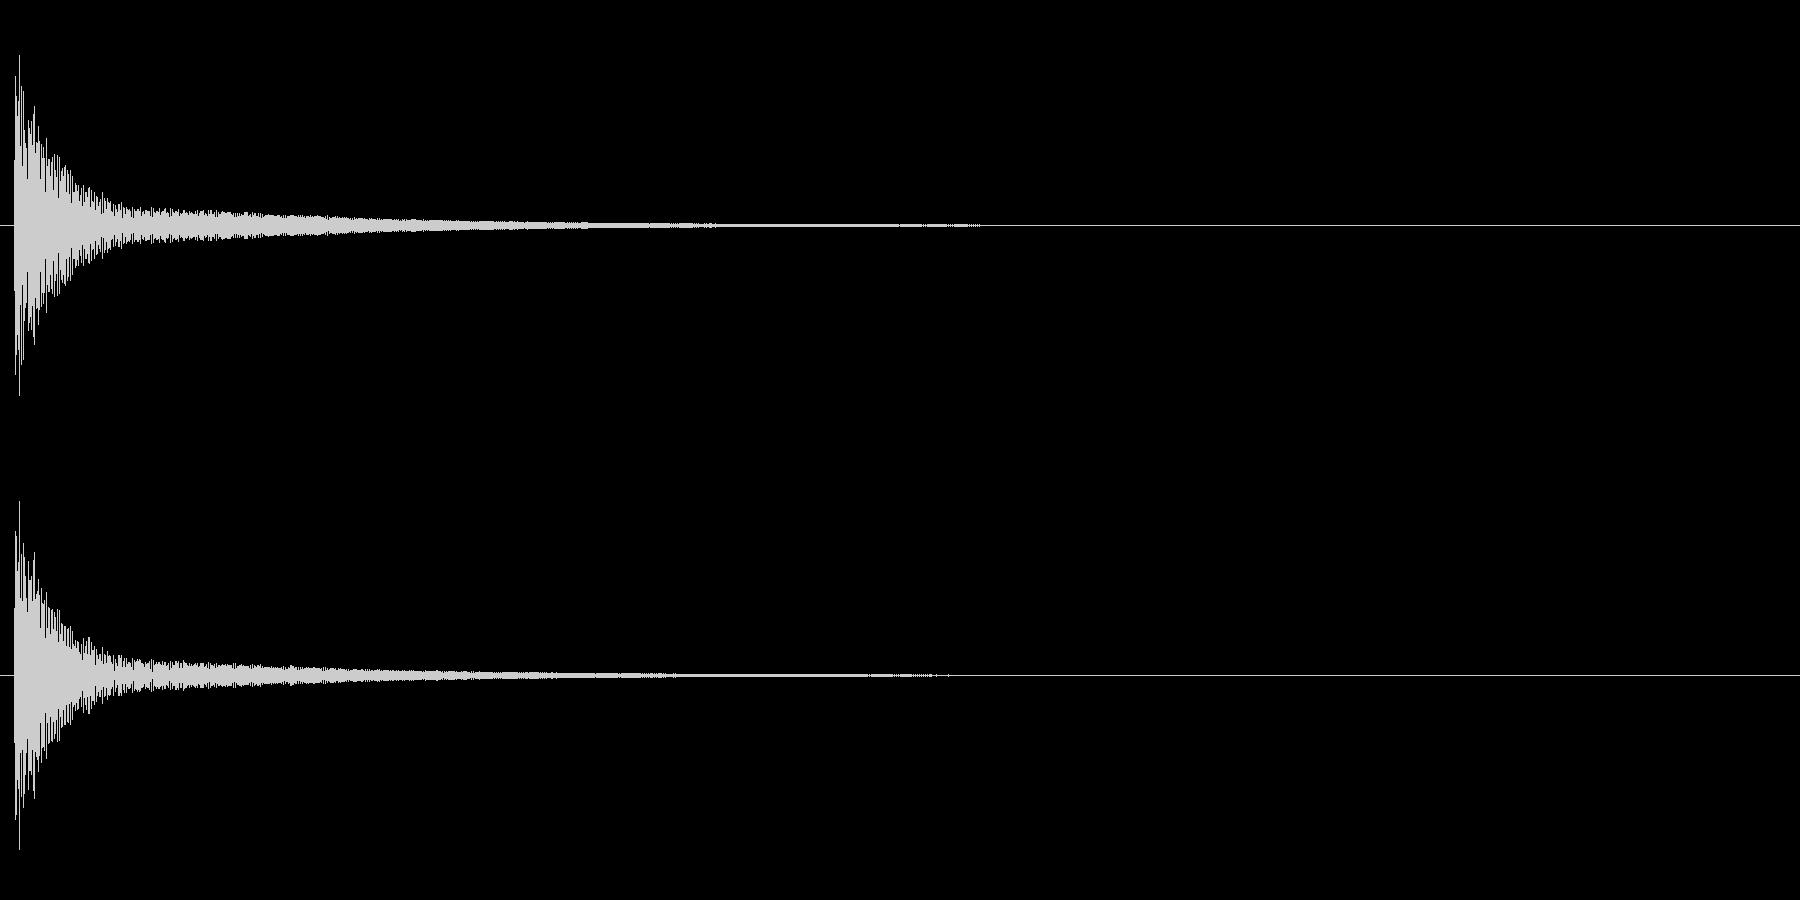 「ポン」うちわ太皷の単発音+Fxの未再生の波形